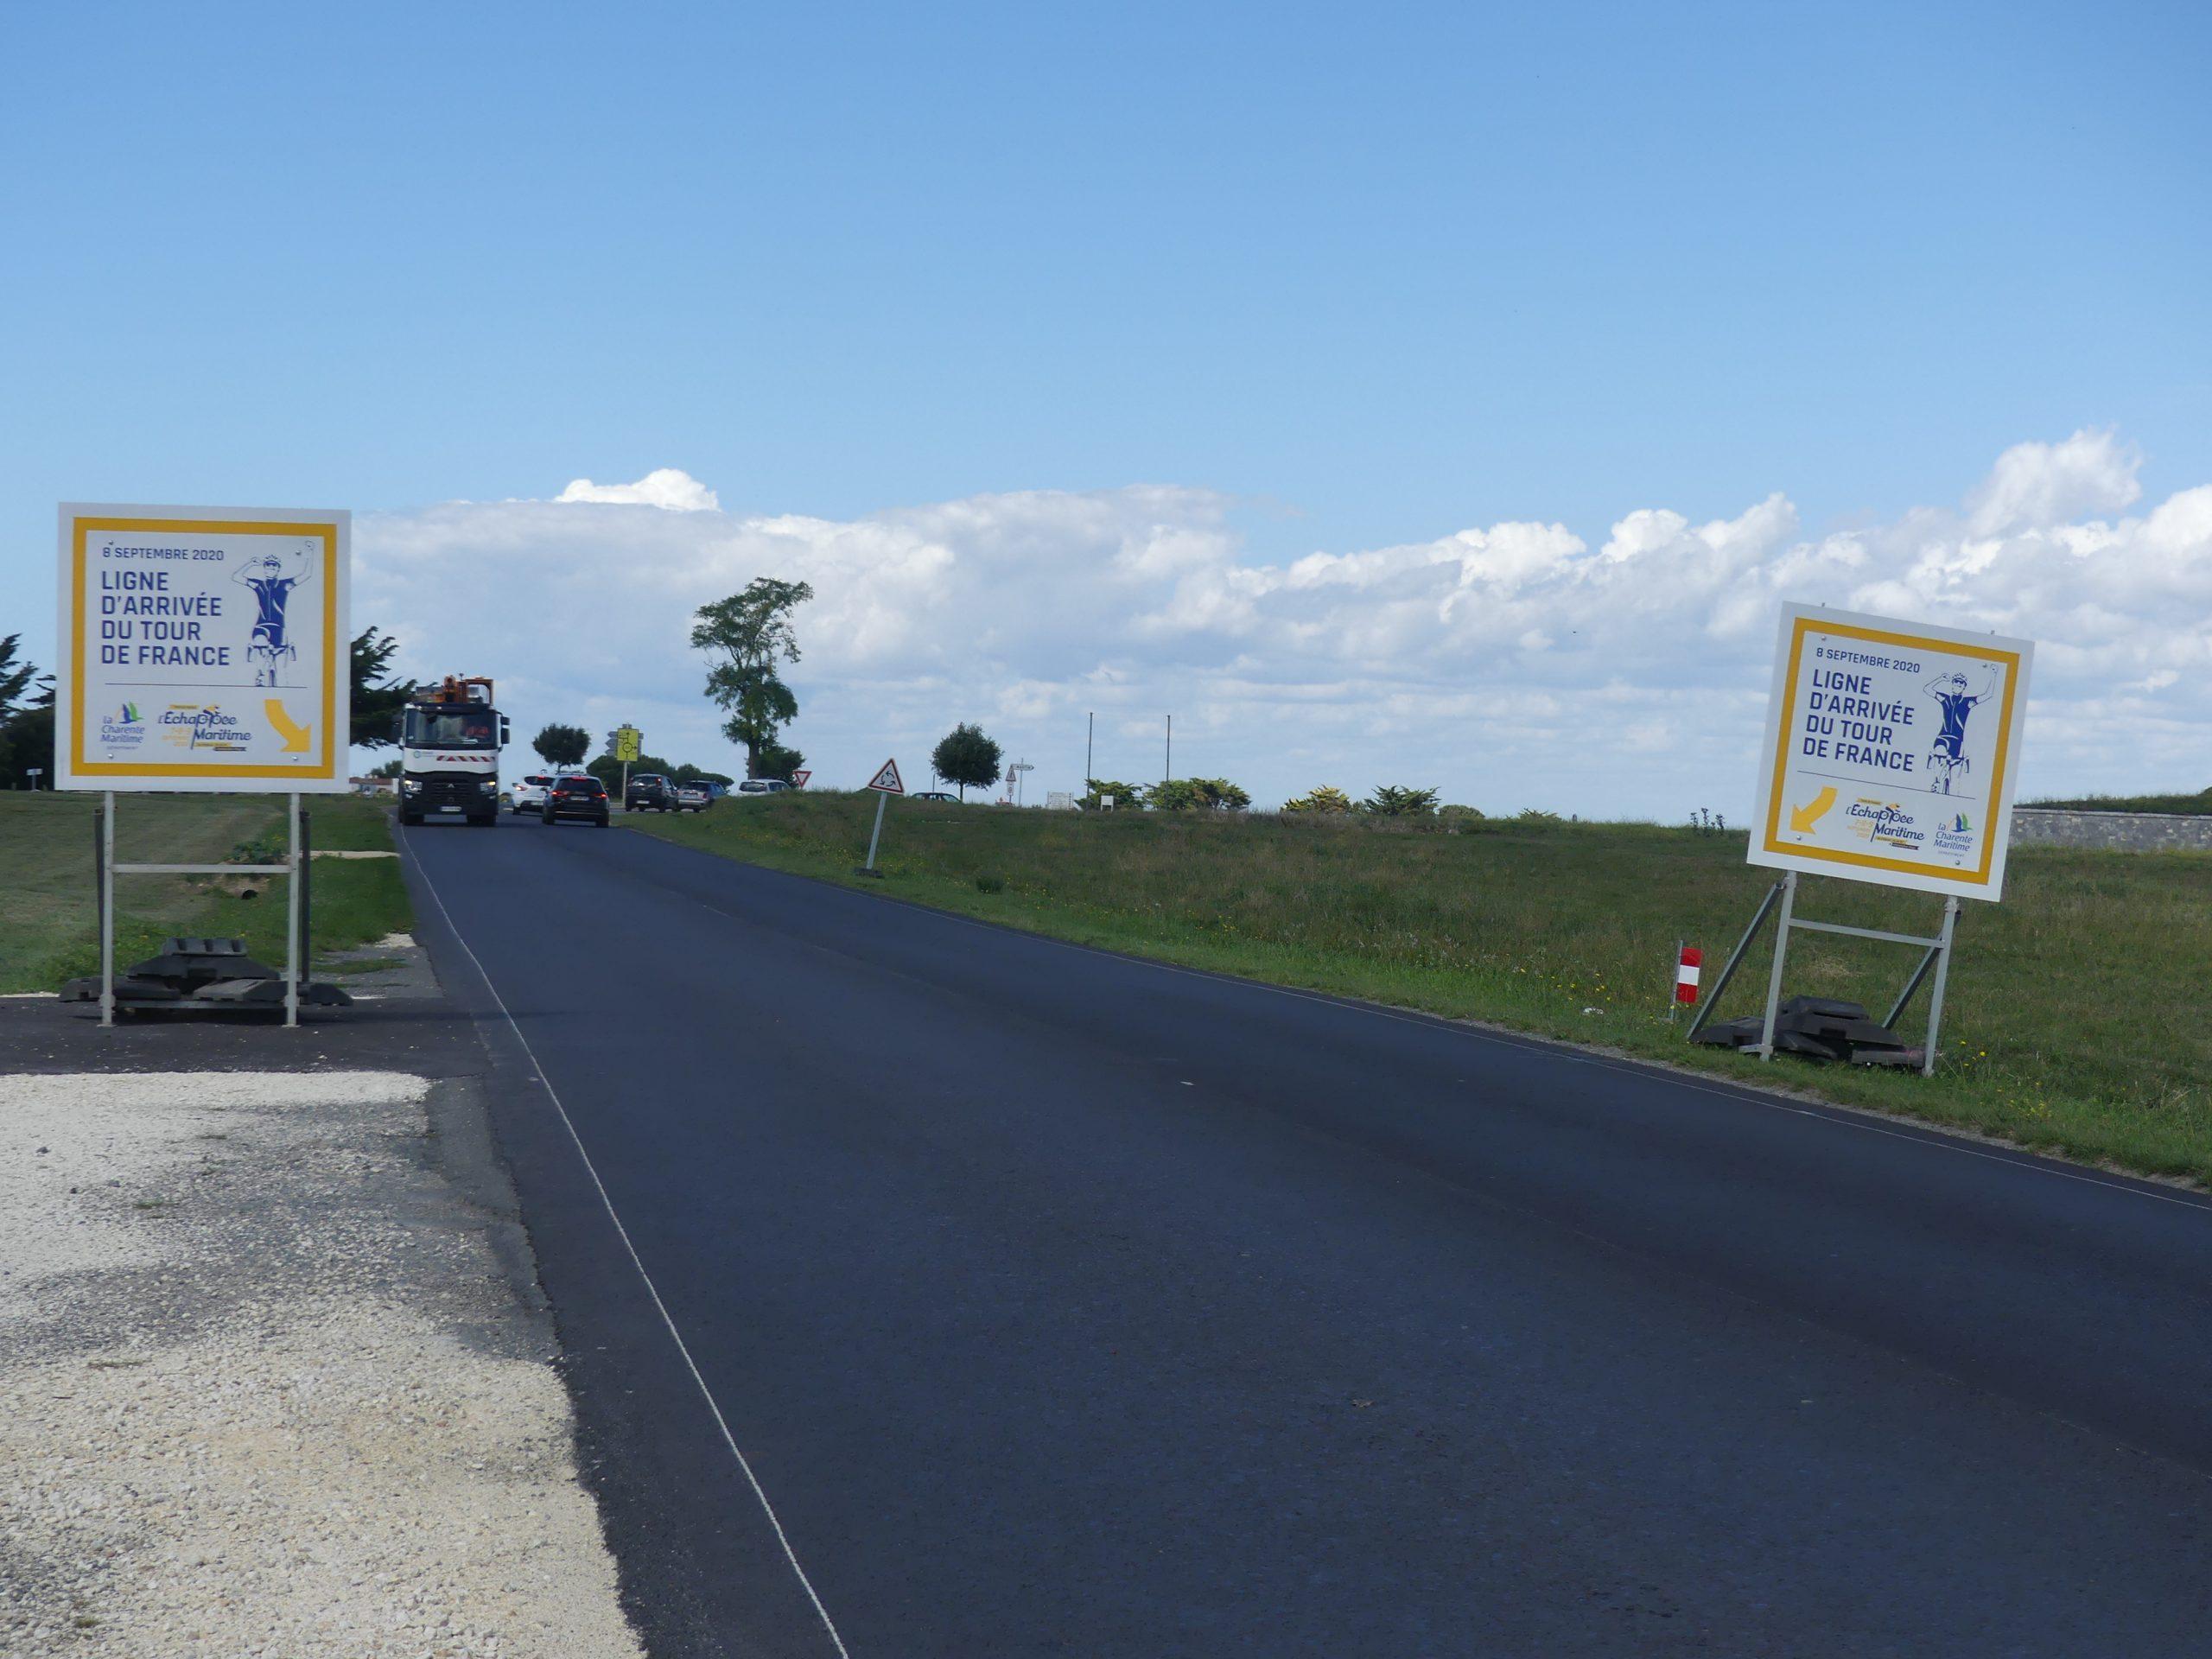 Saint-Martin de Ré - Ligne arrivée Tour de France - 1er septembre 2020